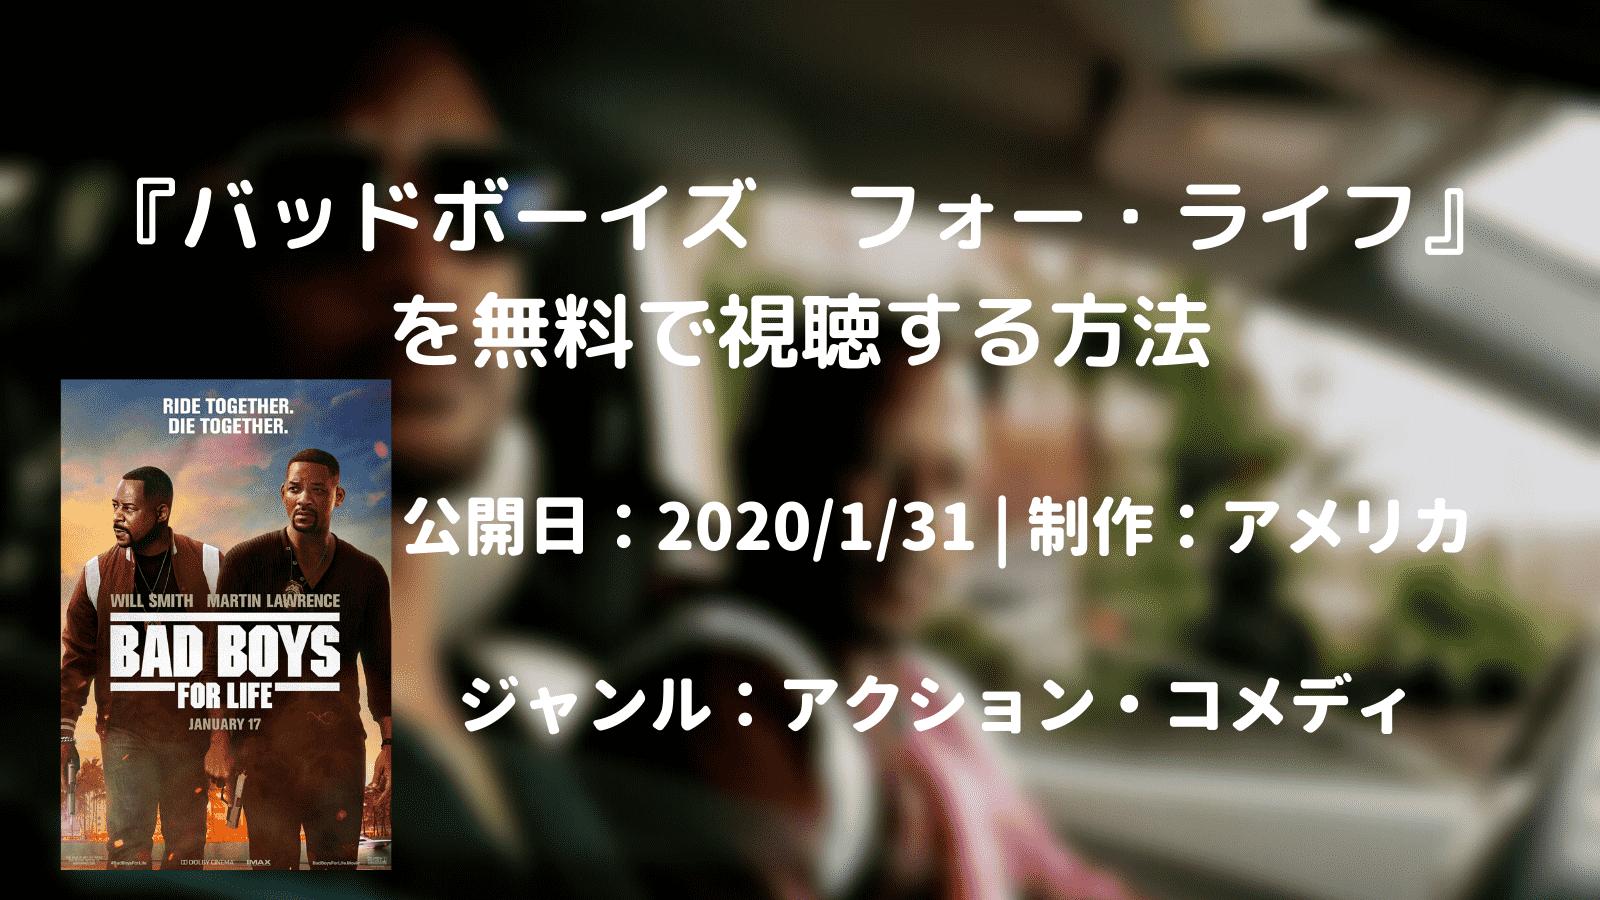 映画:「バッドボーイズ フォー・ライフ(BADBOYS for Life)」を無料で視聴する方法【VOD配信】